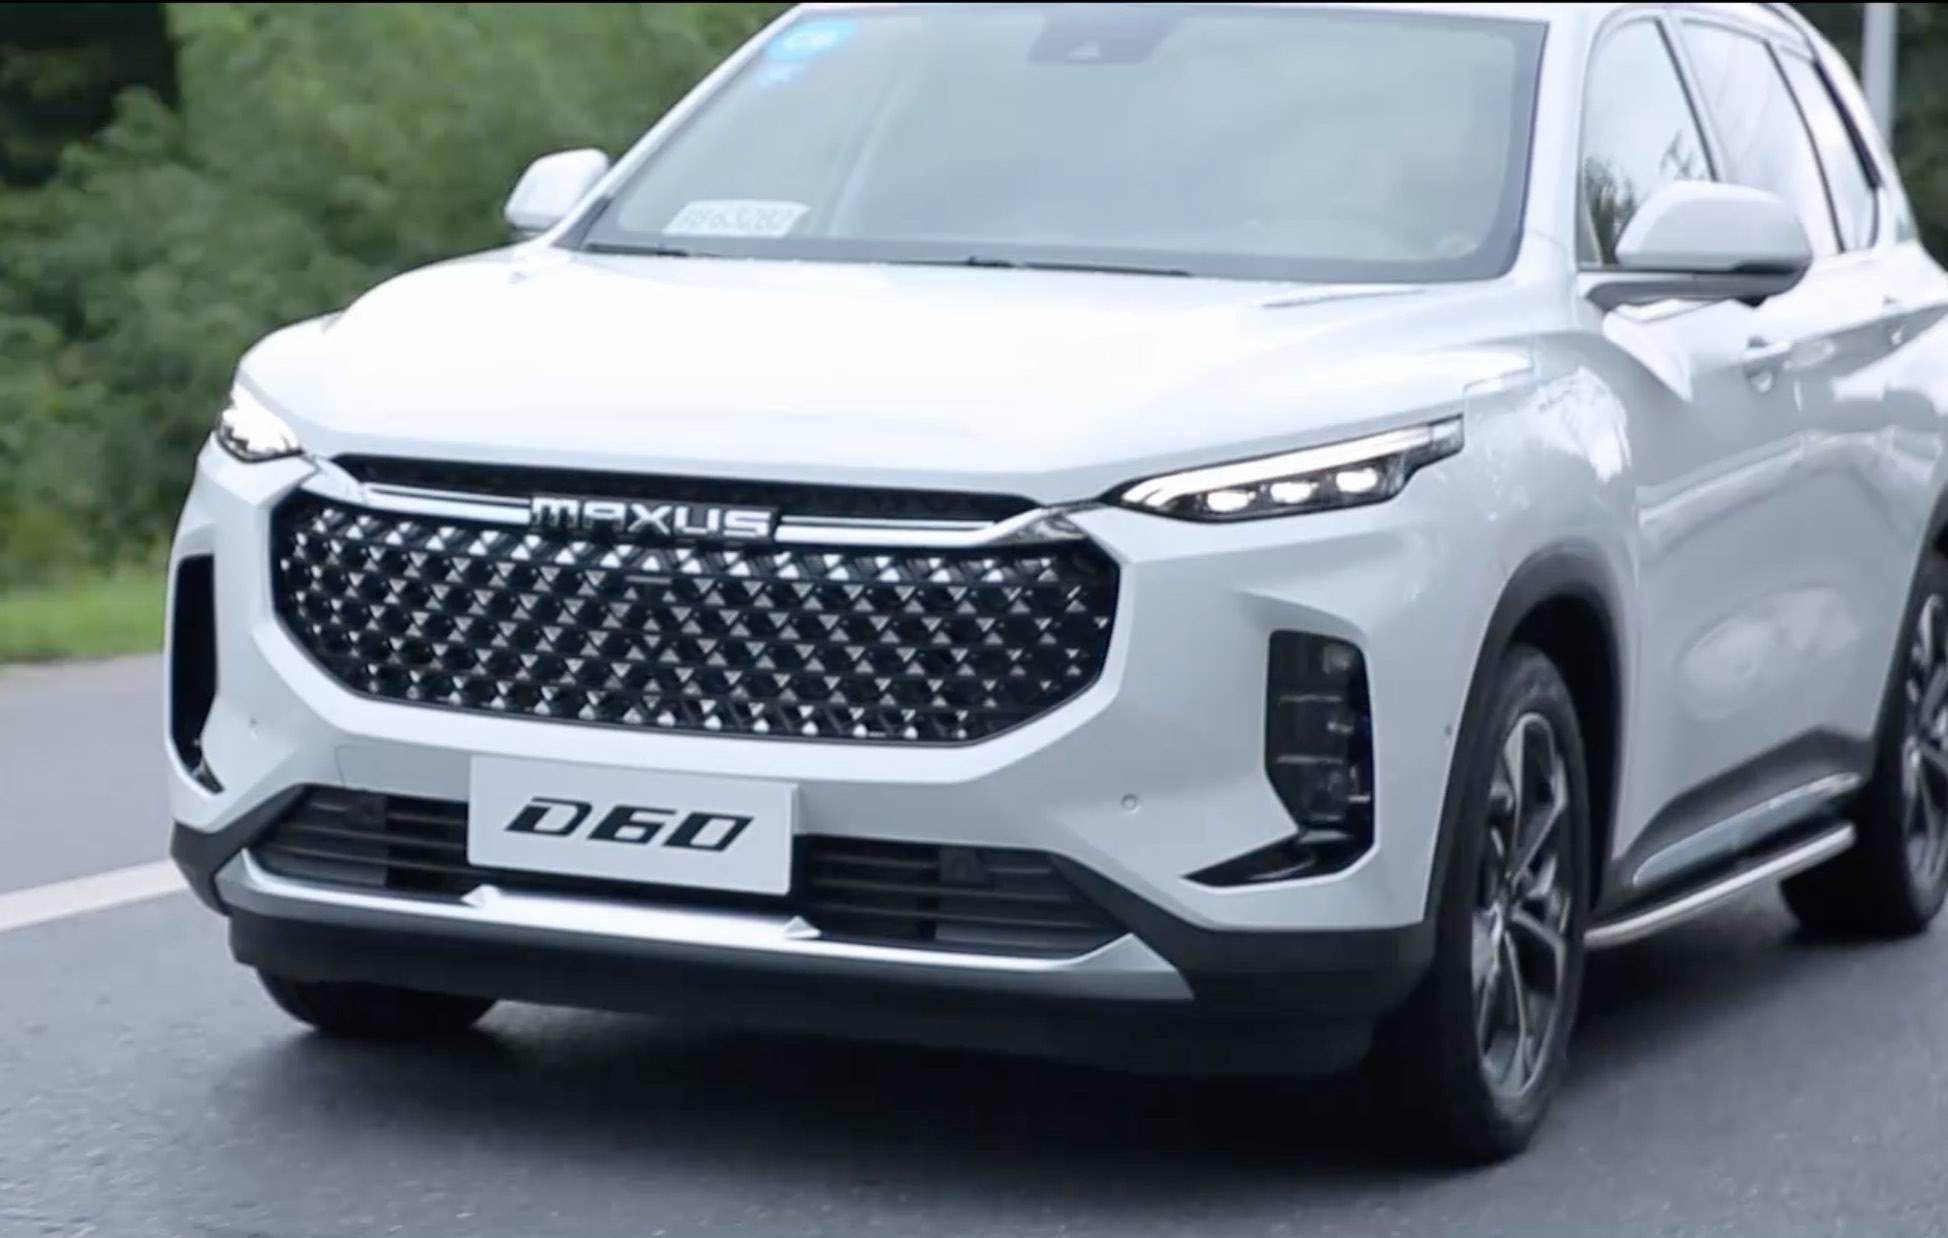 上汽大通全新中型SUV D60試駕評測